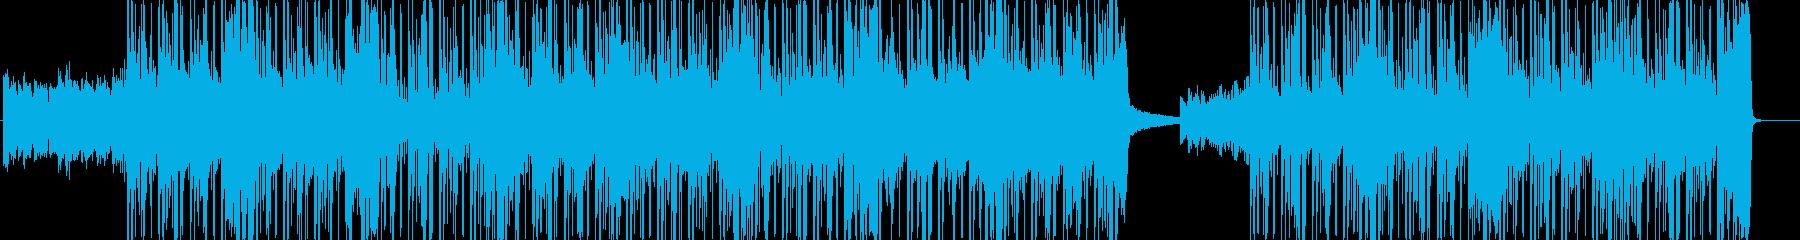 ドラムが盛り上げるアップテンポなナンバーの再生済みの波形